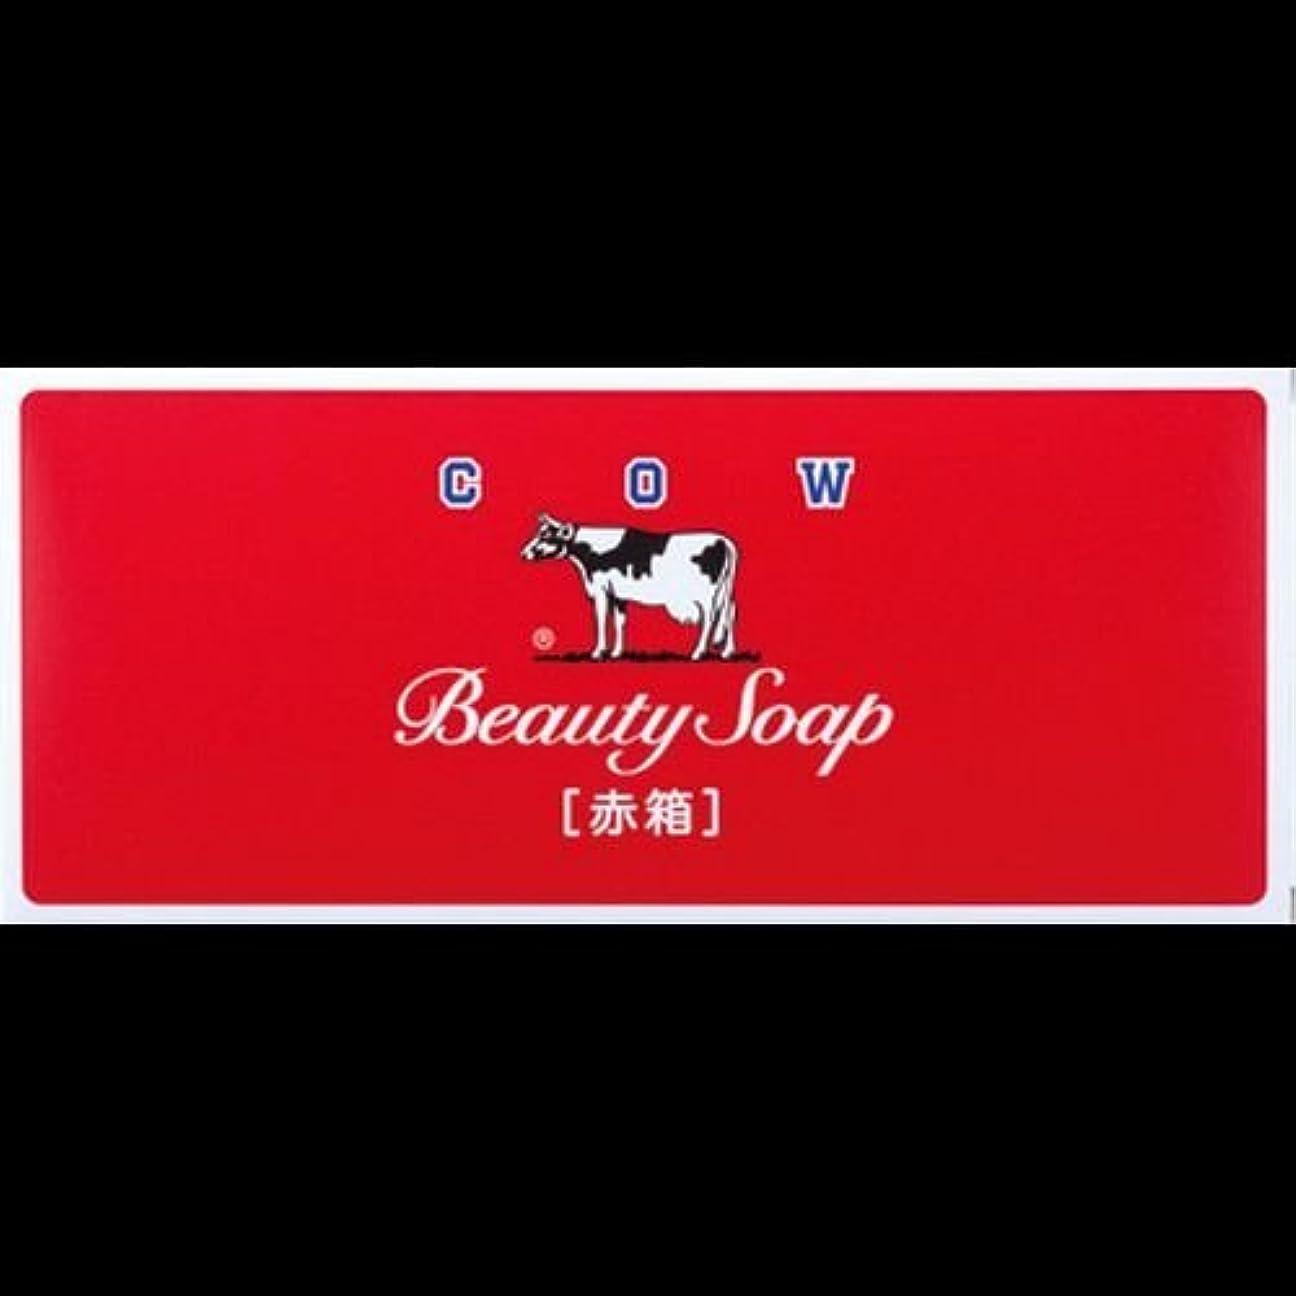 大騒ぎ品悲鳴【まとめ買い】カウブランド石鹸 赤箱100g*6個 ×2セット